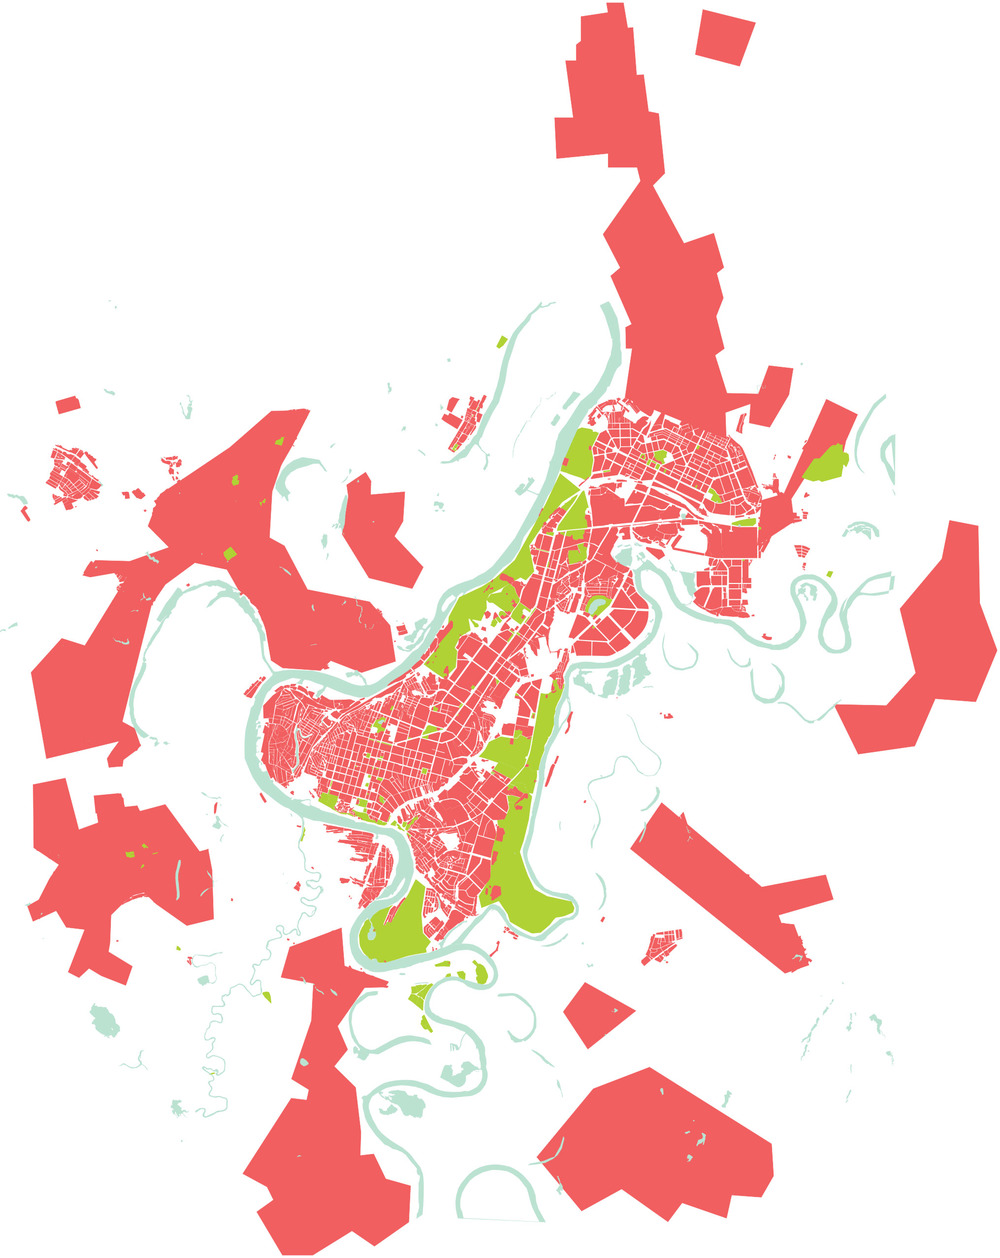 markus_sprawling.jpg